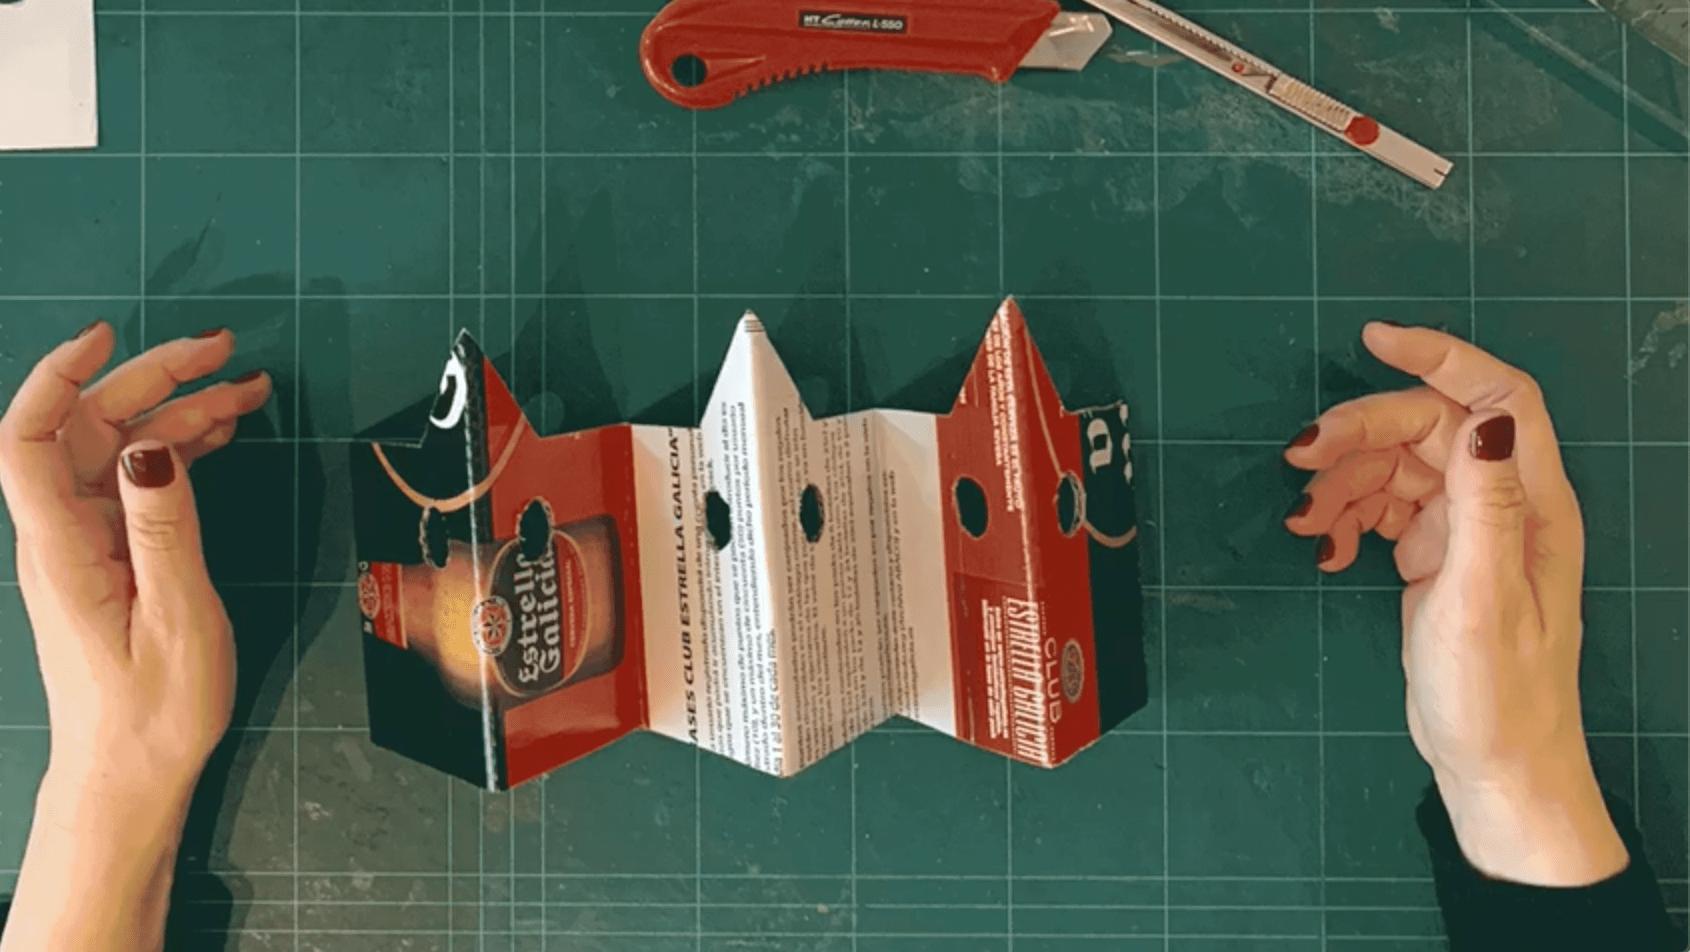 El Protector de manillas DIY que evita contagios que puedes construir gratis 66